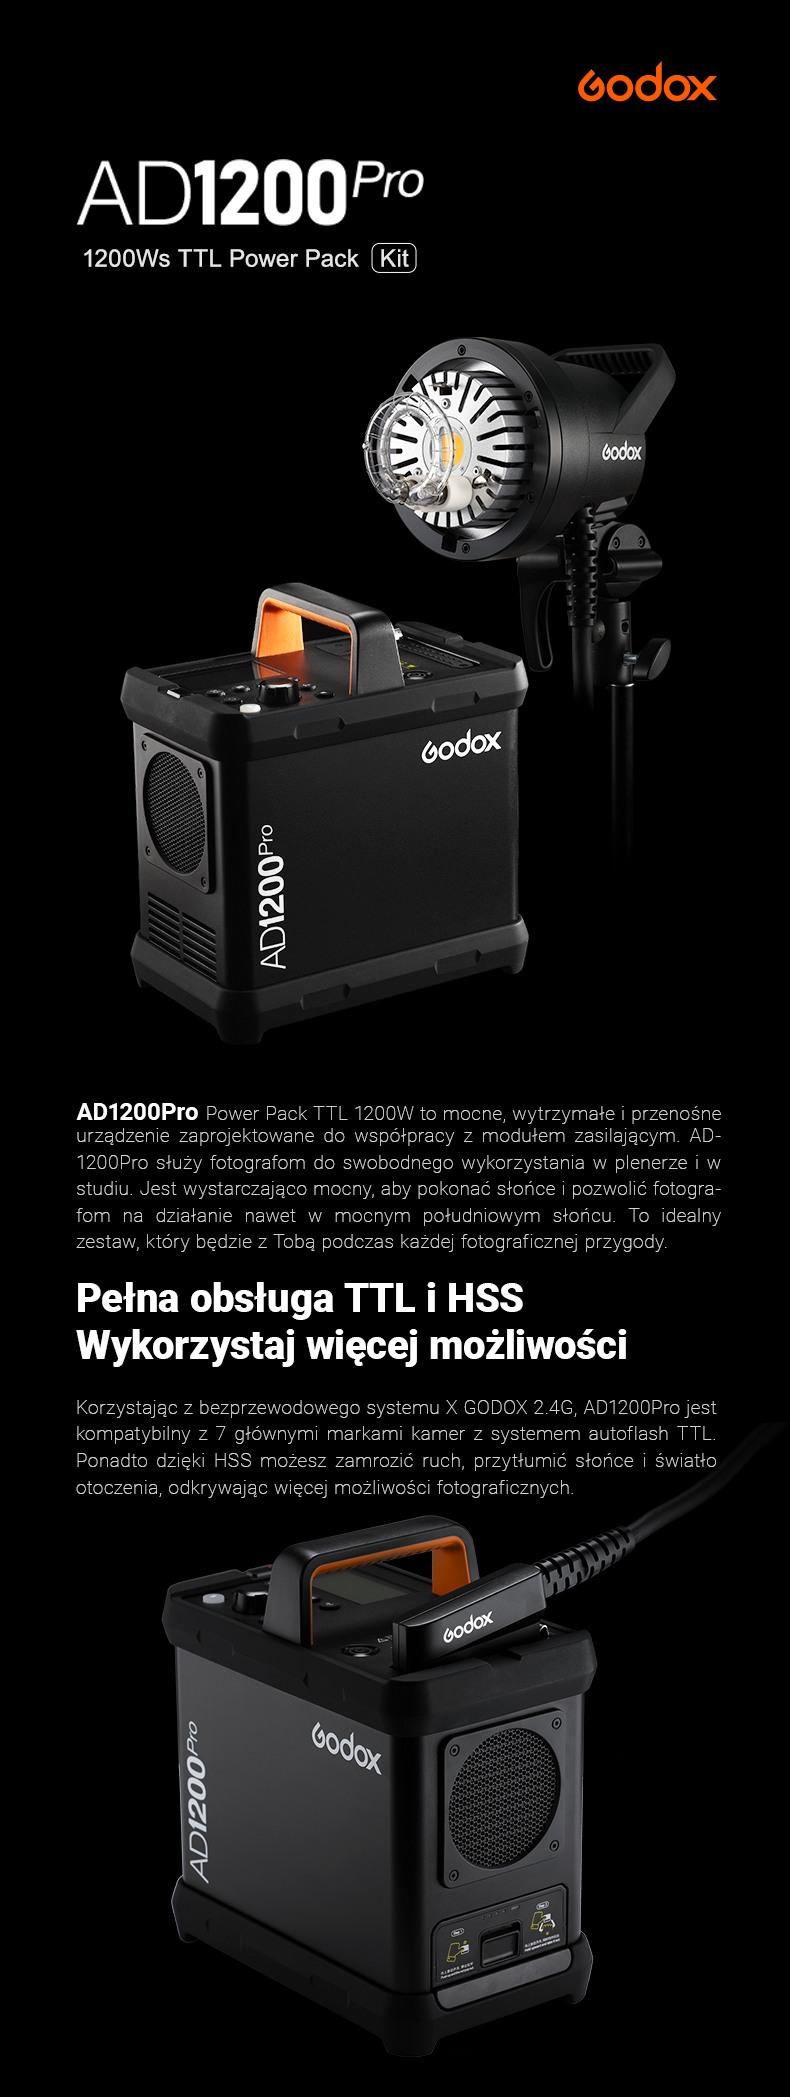 Godox AD1200Pro TTL Power Pack Kit Zestaw. Mocne, wytrzymałe i przenośne urządzenie zaprojektowane do współpracy z modułem zasilającym. Pełna obsługa TTL i HSS. Wykorzystaj więcej możliwości. Bezprzewodowy Godox X 2.4G